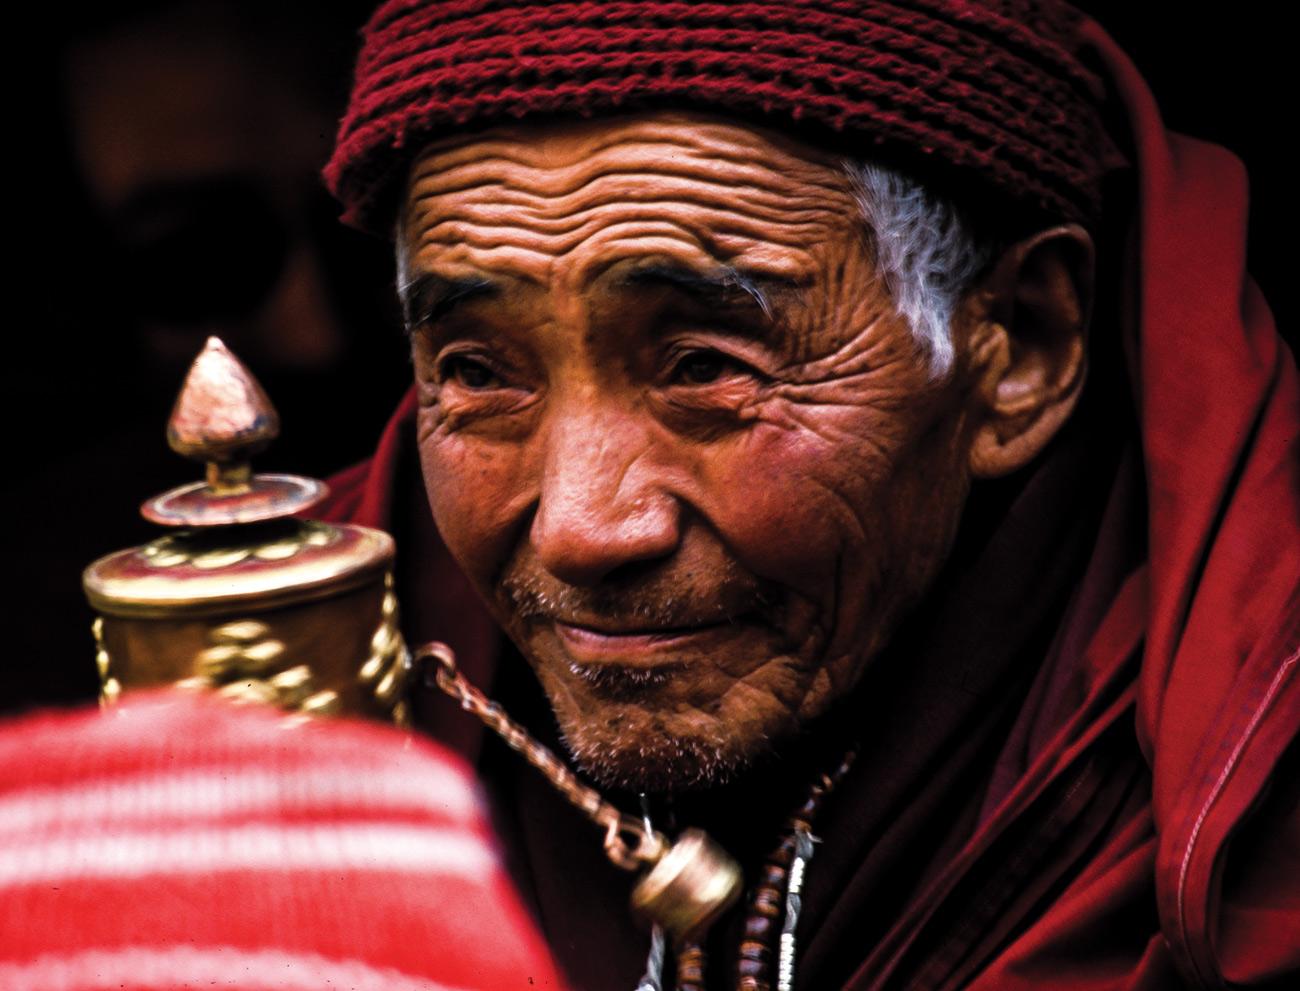 temba-le-tibetain-11